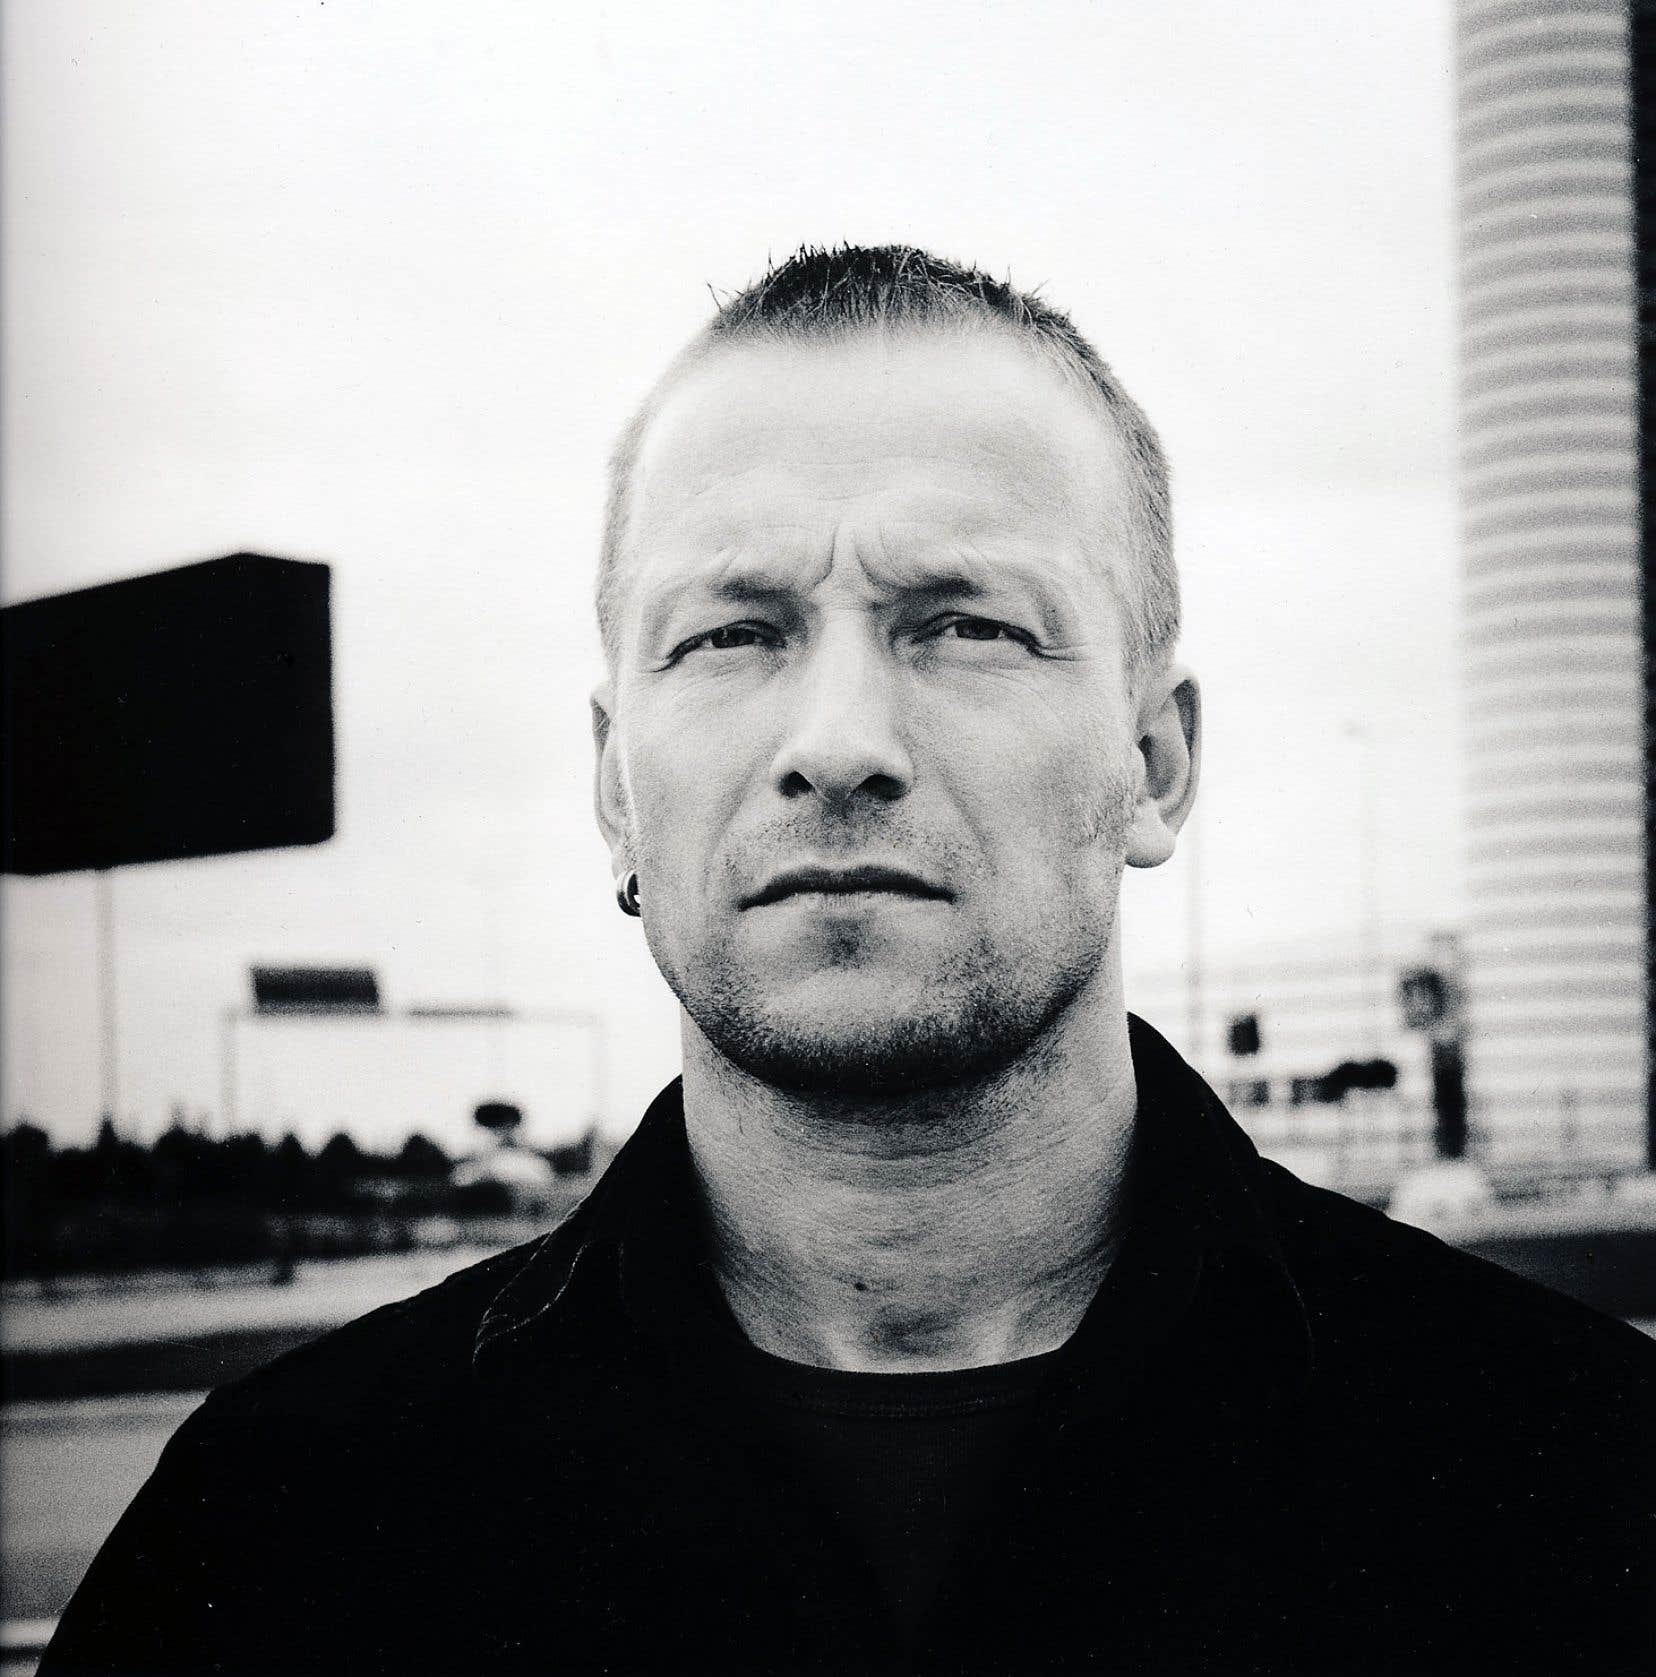 Musicien autodidacte, fan de punk et de métal de l'adolescence, Gustafsson estime être aujourd'hui «un bien meilleur musicien et improvisateur qu'il y a 30ans».